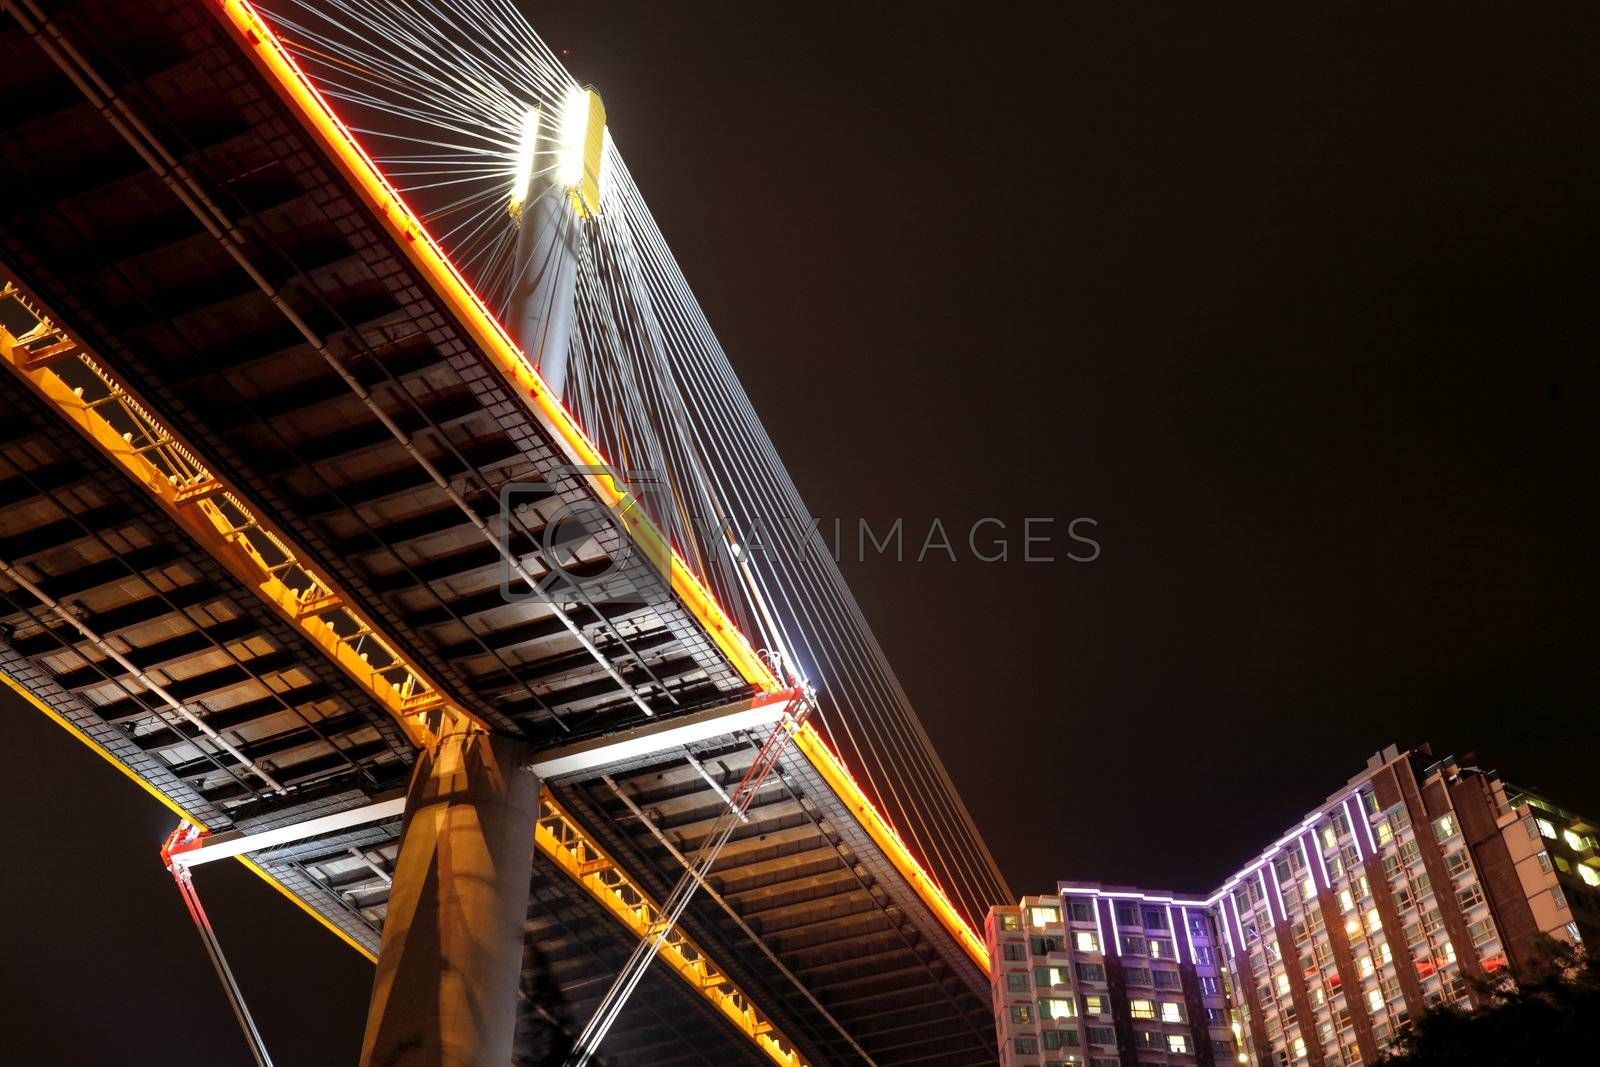 Royalty free image of Ting Kau Bridge at night, Hong Kong by leungchopan